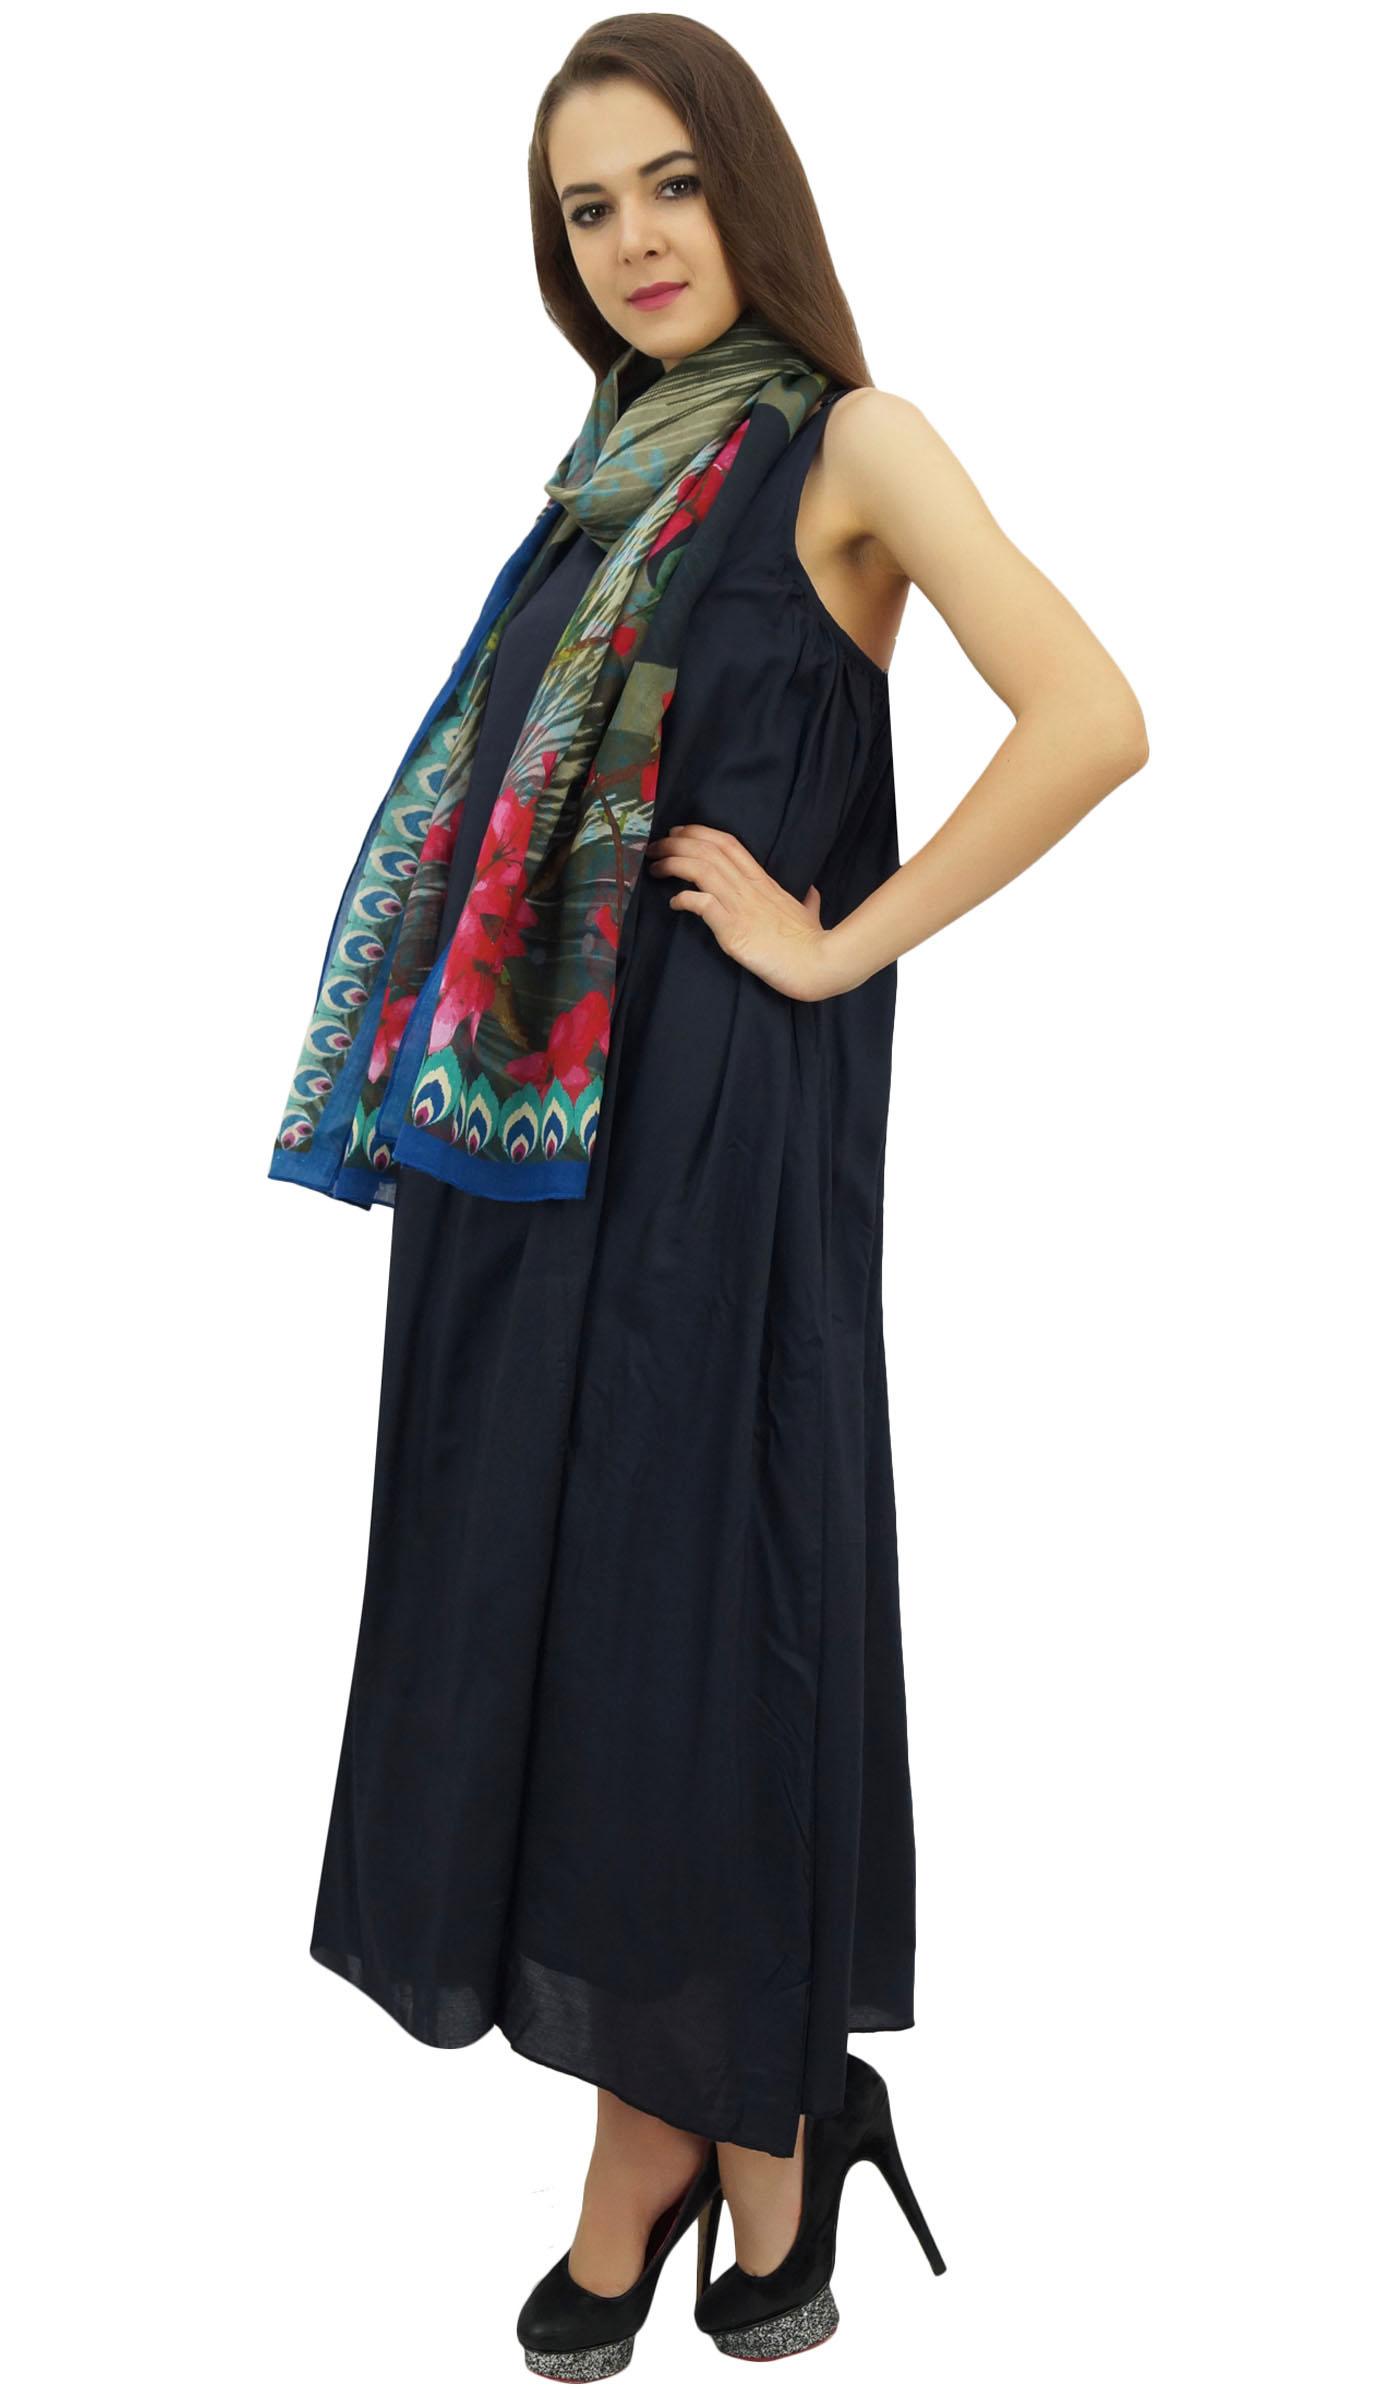 Indexbild 6 - Bimba Damen Designer Marineblaues Kleid Mit Floral Bedrucktem Schal-wbh